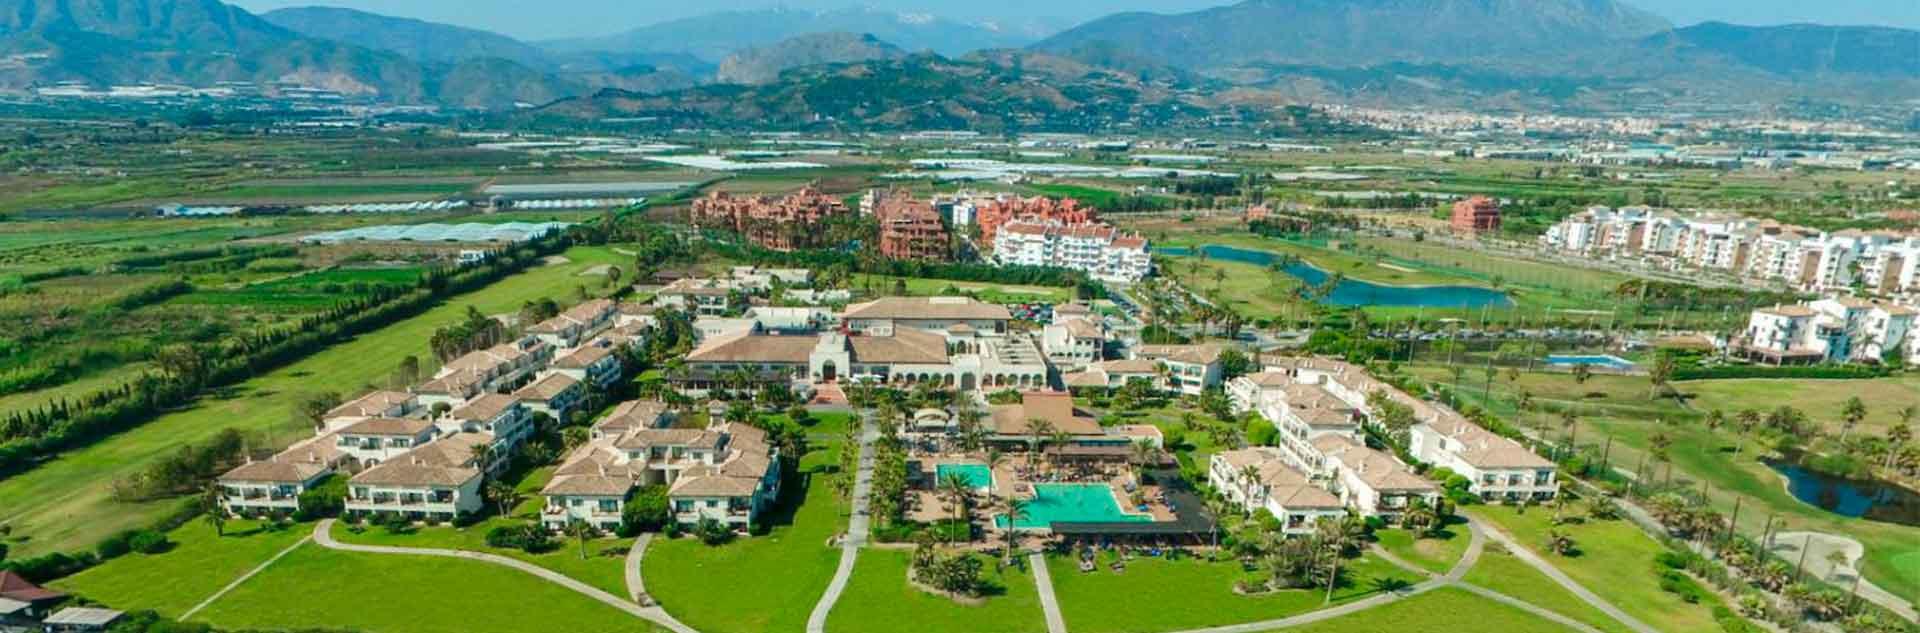 Vista aérea del recinto del Hotel Playa Granada Club